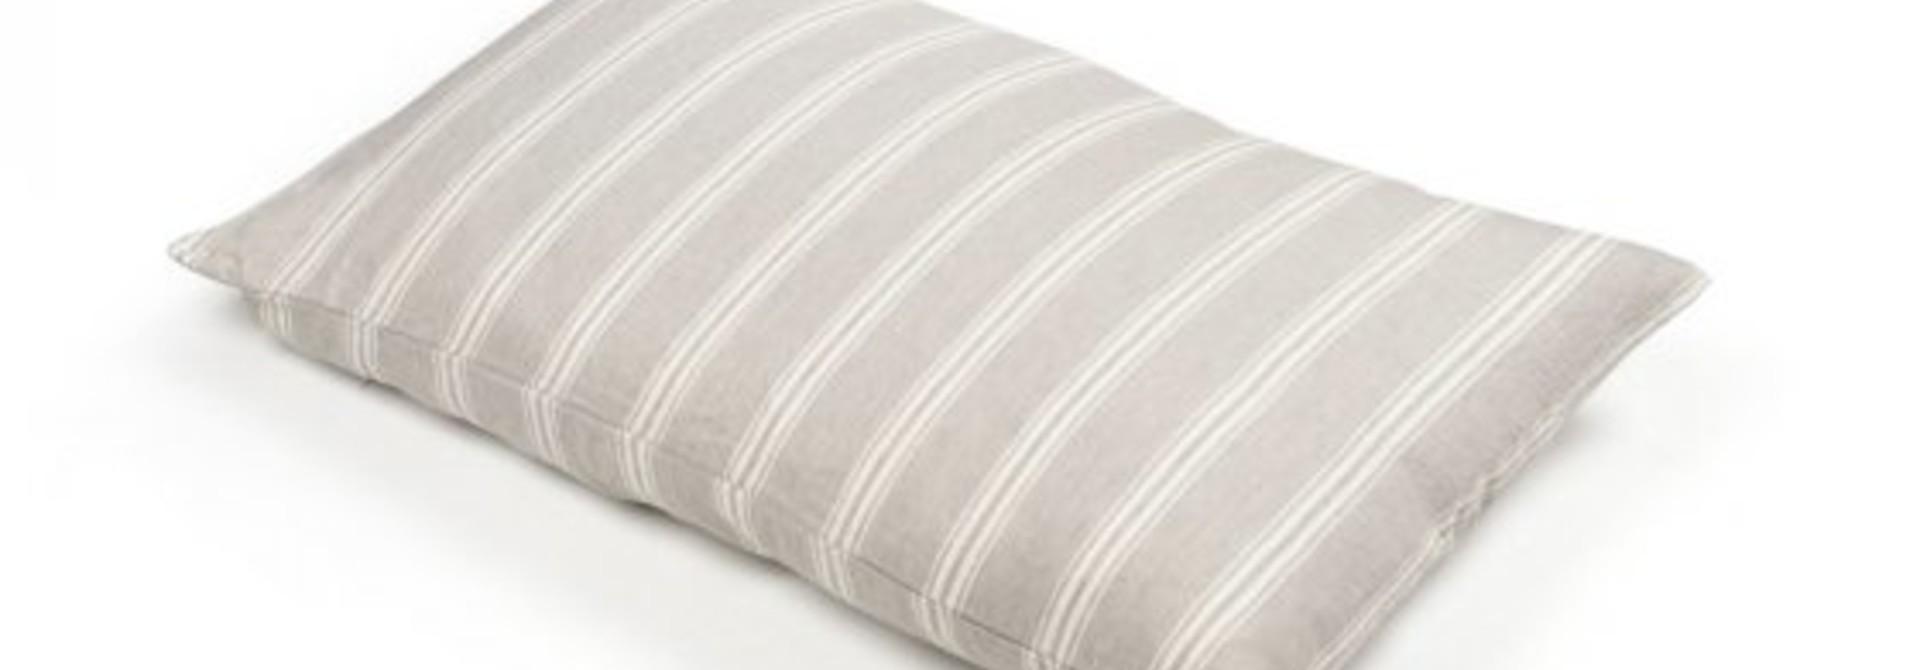 Pillowcase - Sham - Guest House -Queen